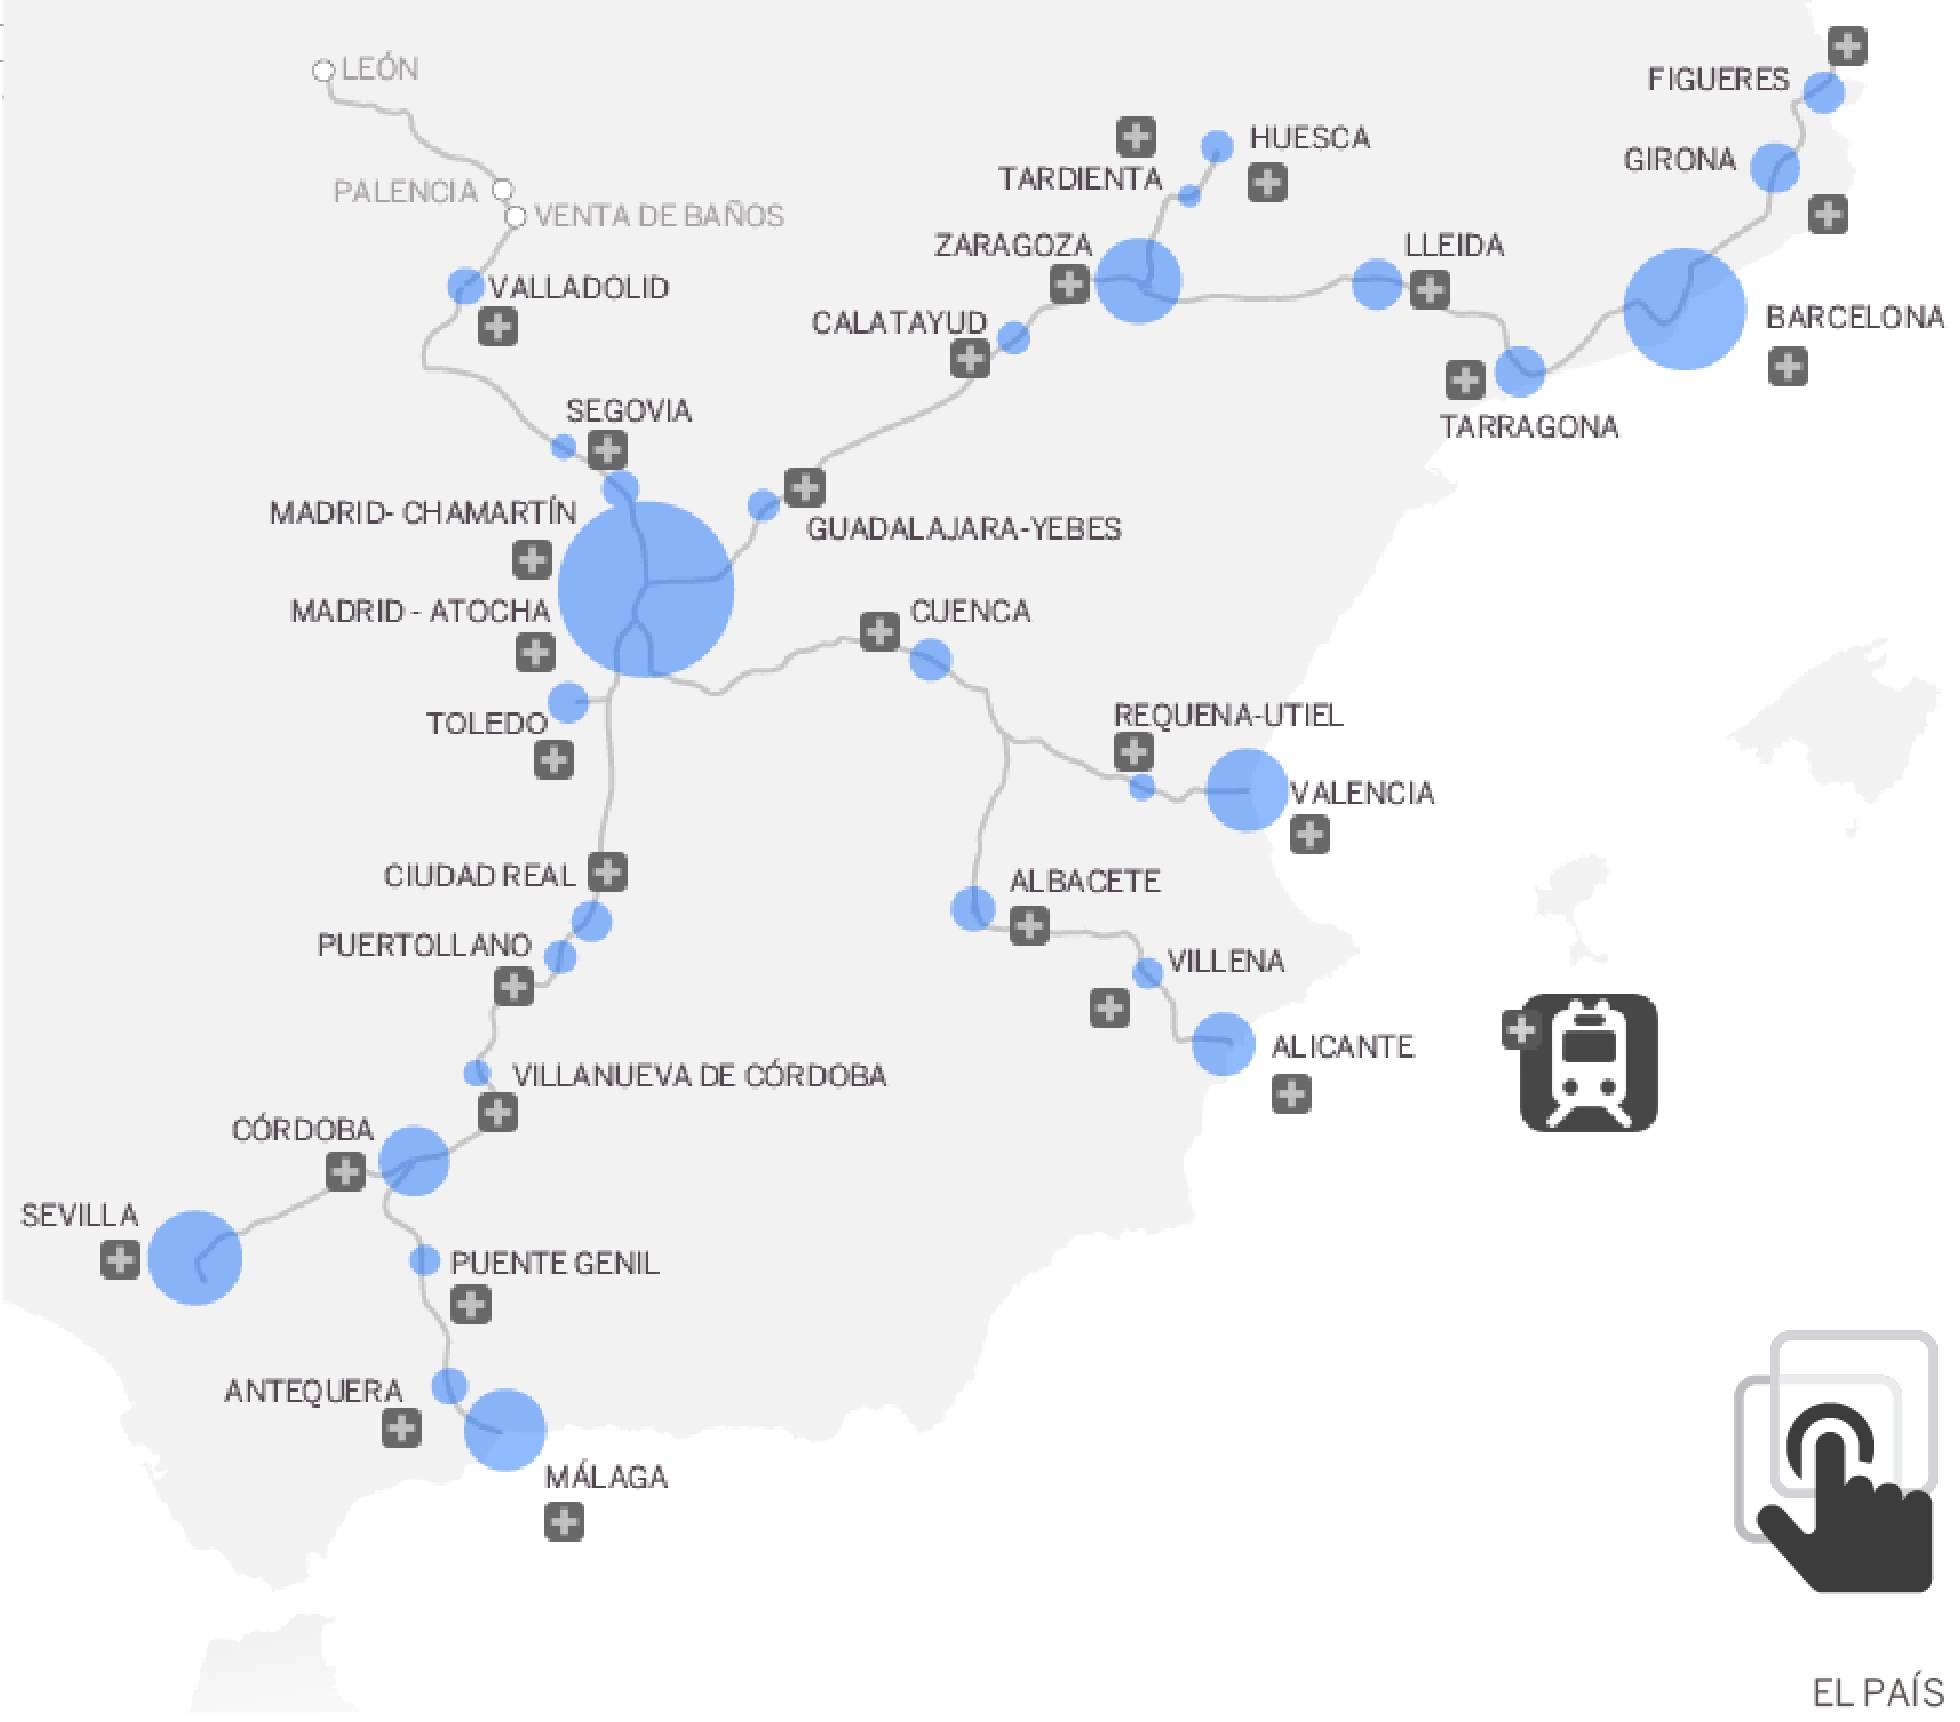 Transportes: Ferrocarril en España, alta velocidad, convencional. - Página 5 1463758343_740934_1463758457_noticia_normal_recorte1